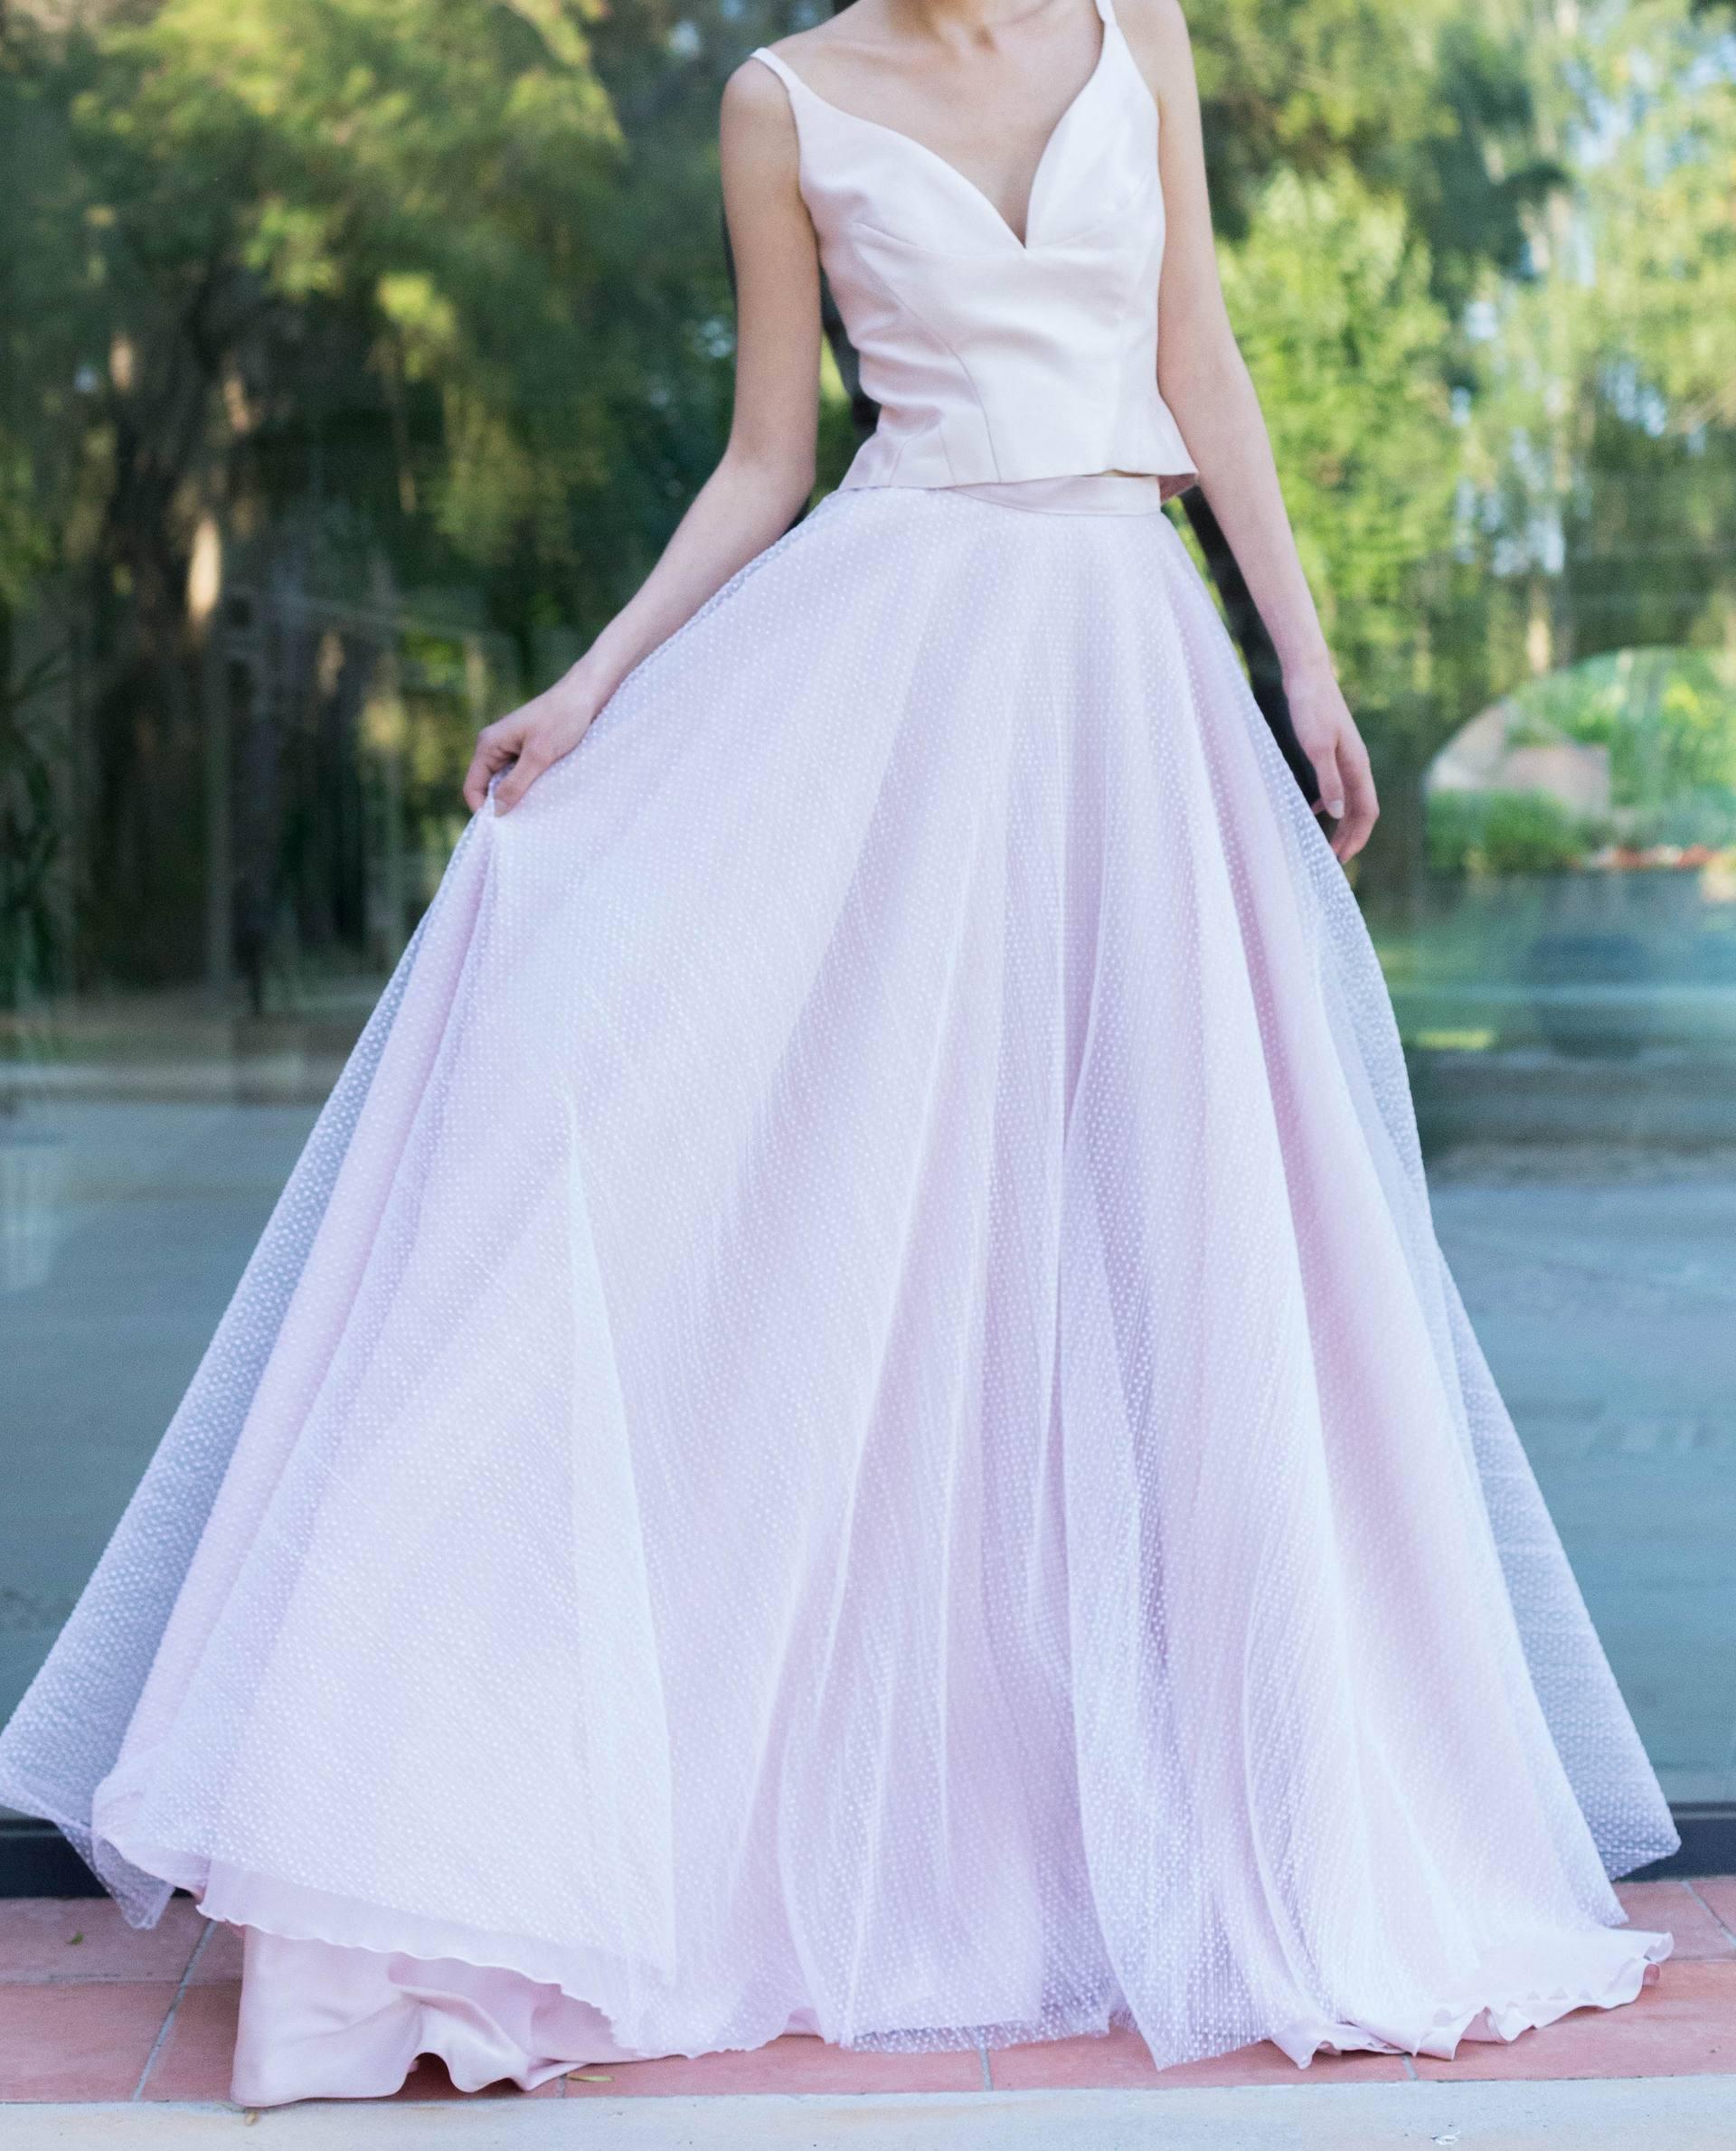 ATELIER-NATURE 2019 - FALDAS - Conjunto top sophie con falda Norma blanca